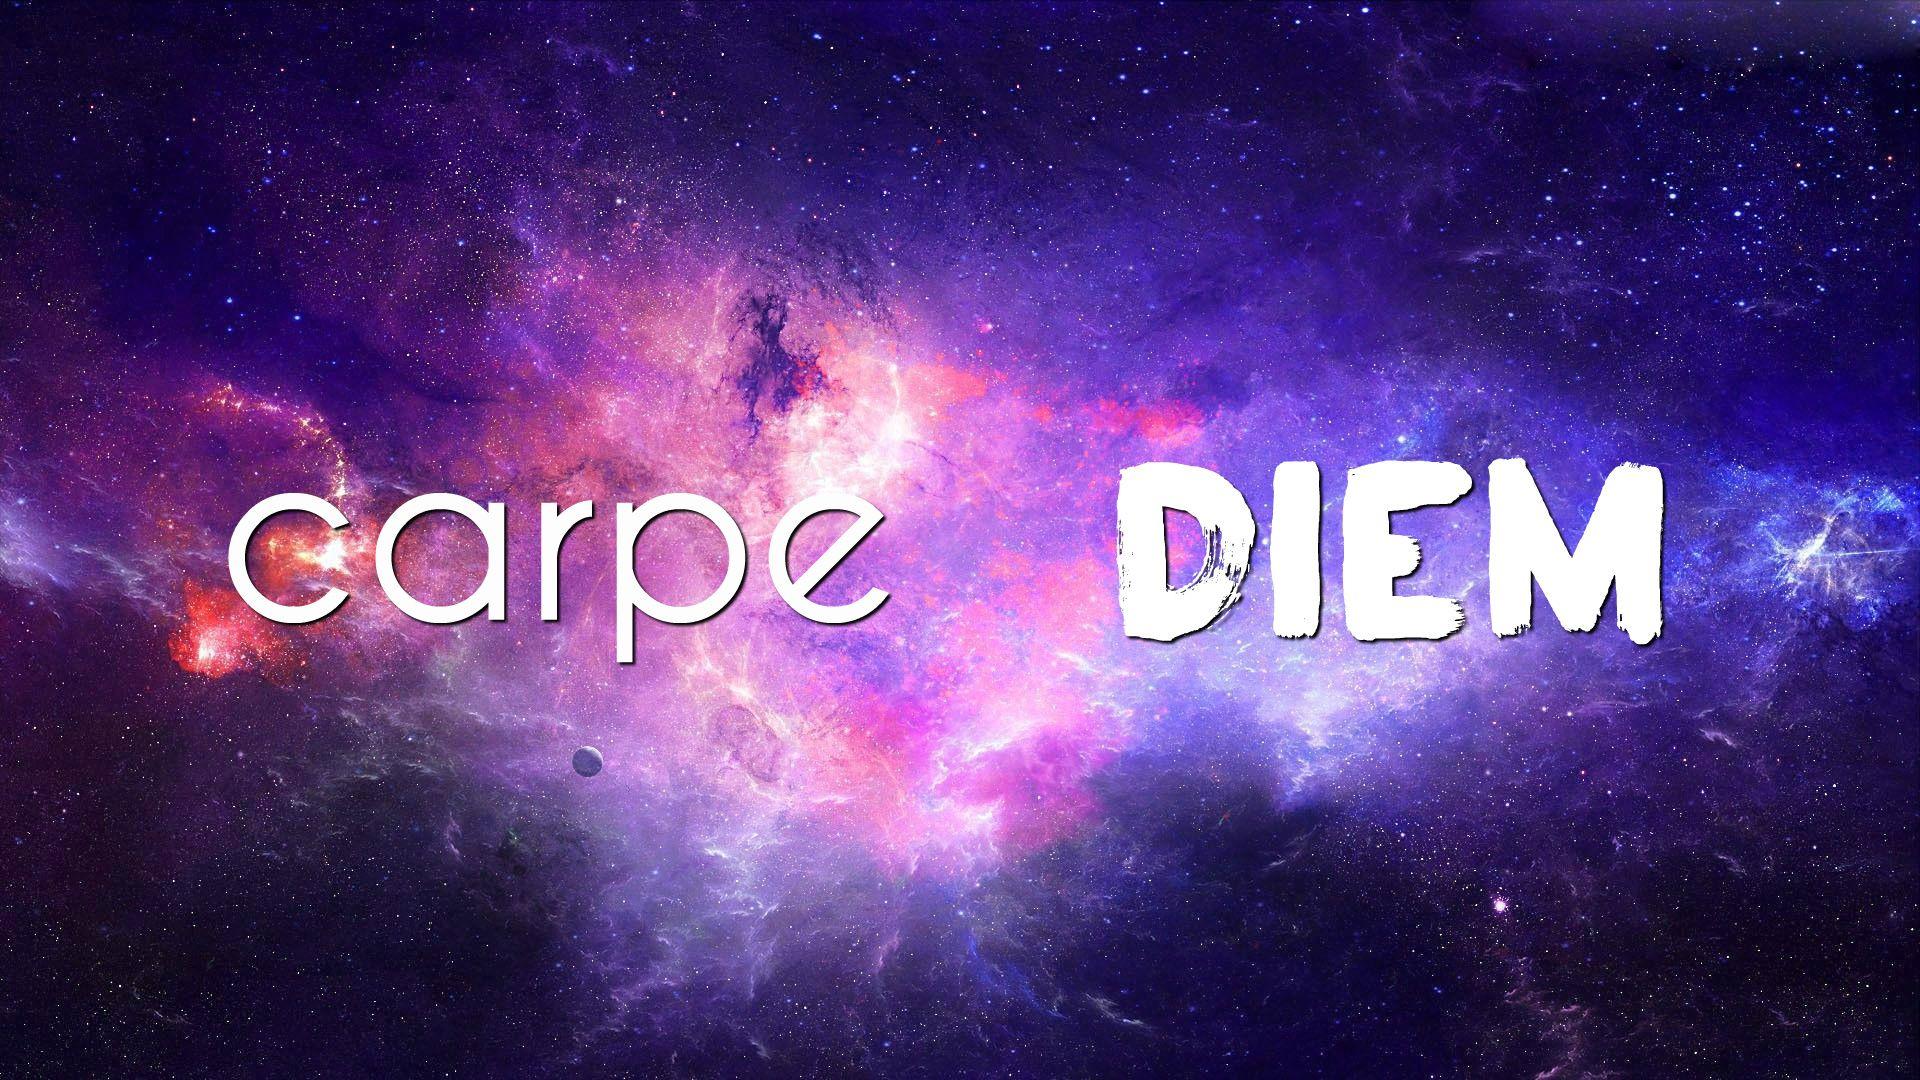 Carpe Diem 1080p